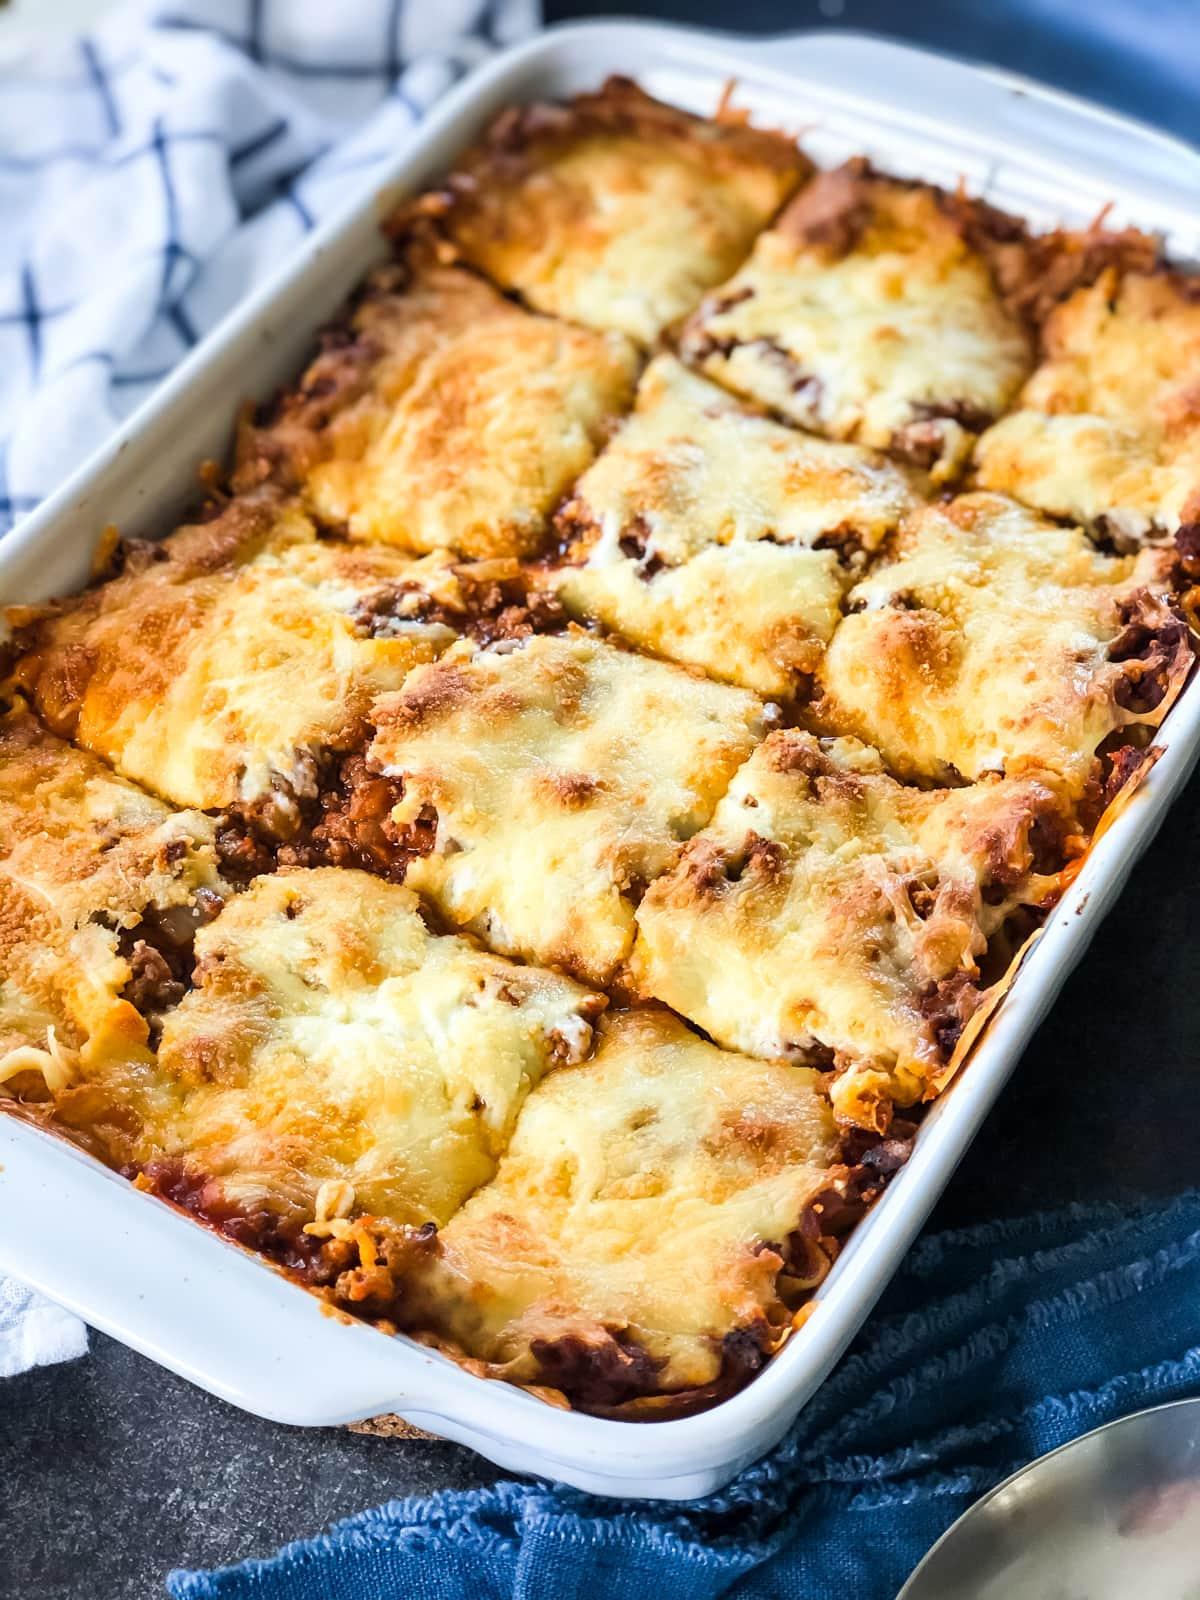 A dish of lasagna cut into 12 pieces